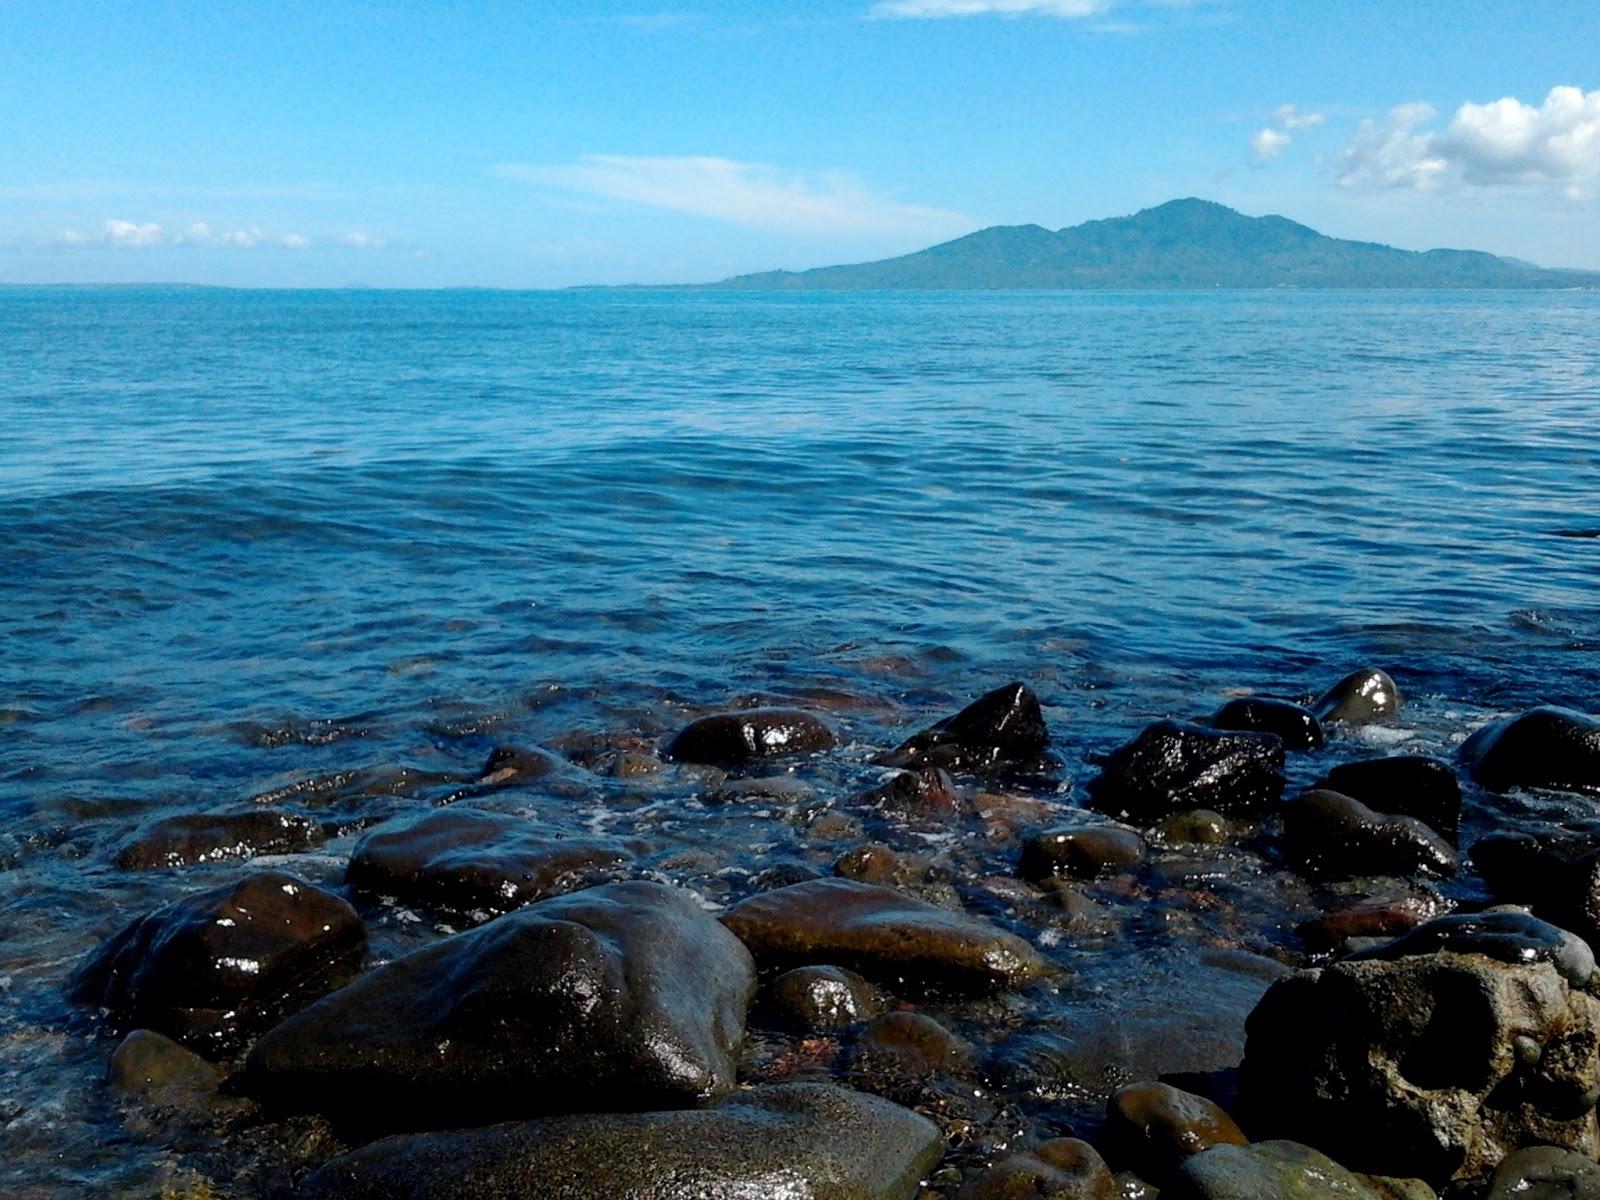 Pantai Malalayang Pesona Alam Atas Bawah Laut Memukau Sulawesi Utara